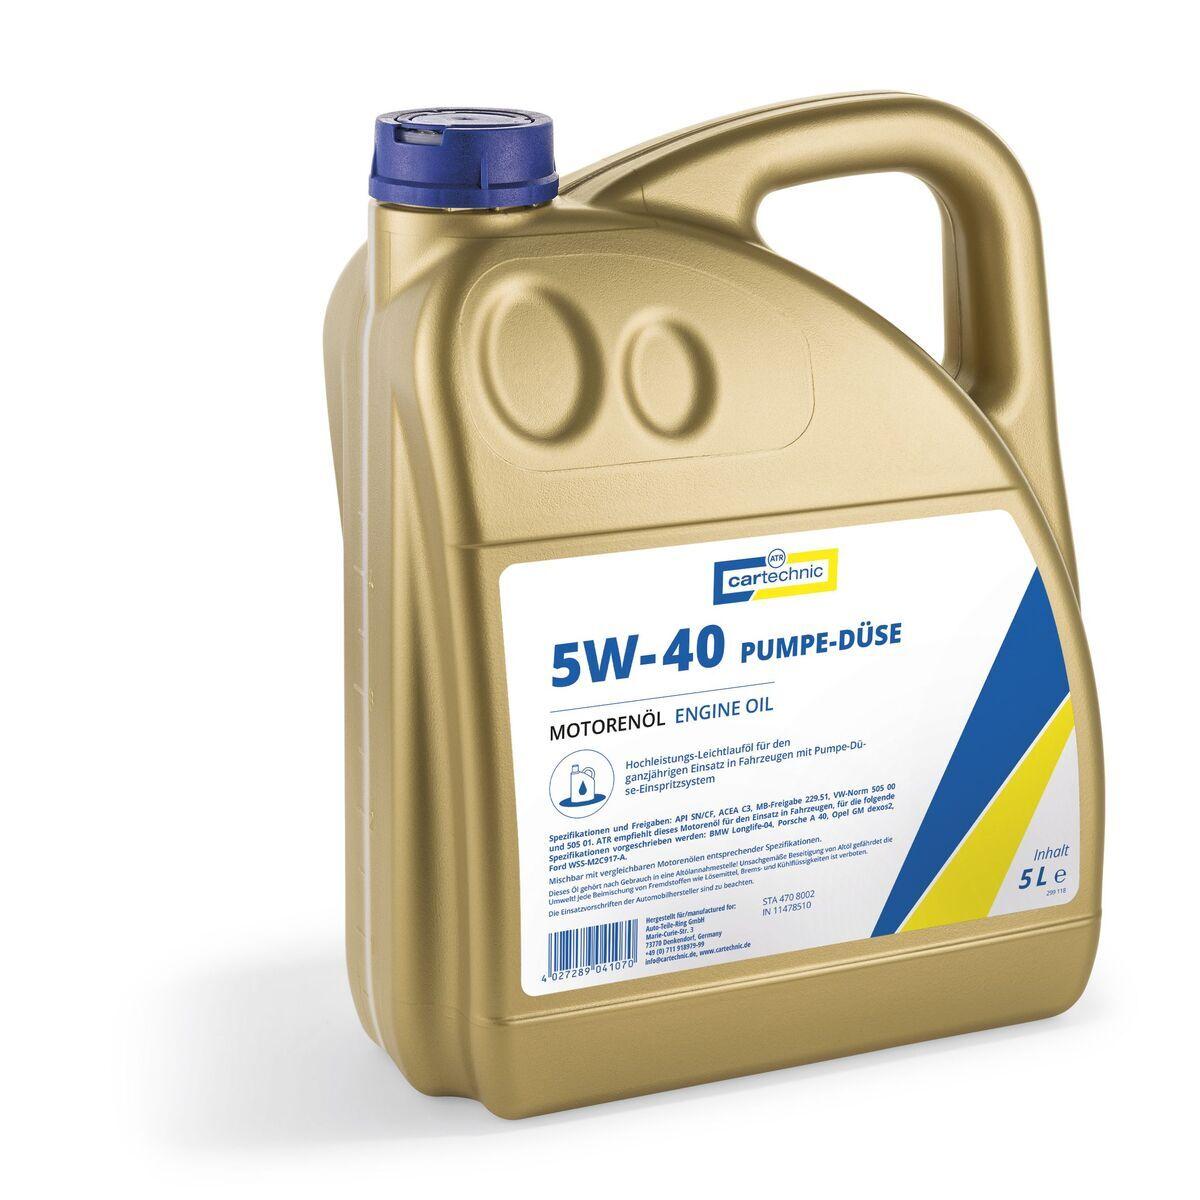 Motorový olej 5W-40 Pumpe-Düse, 5 litrů - Cartechnic